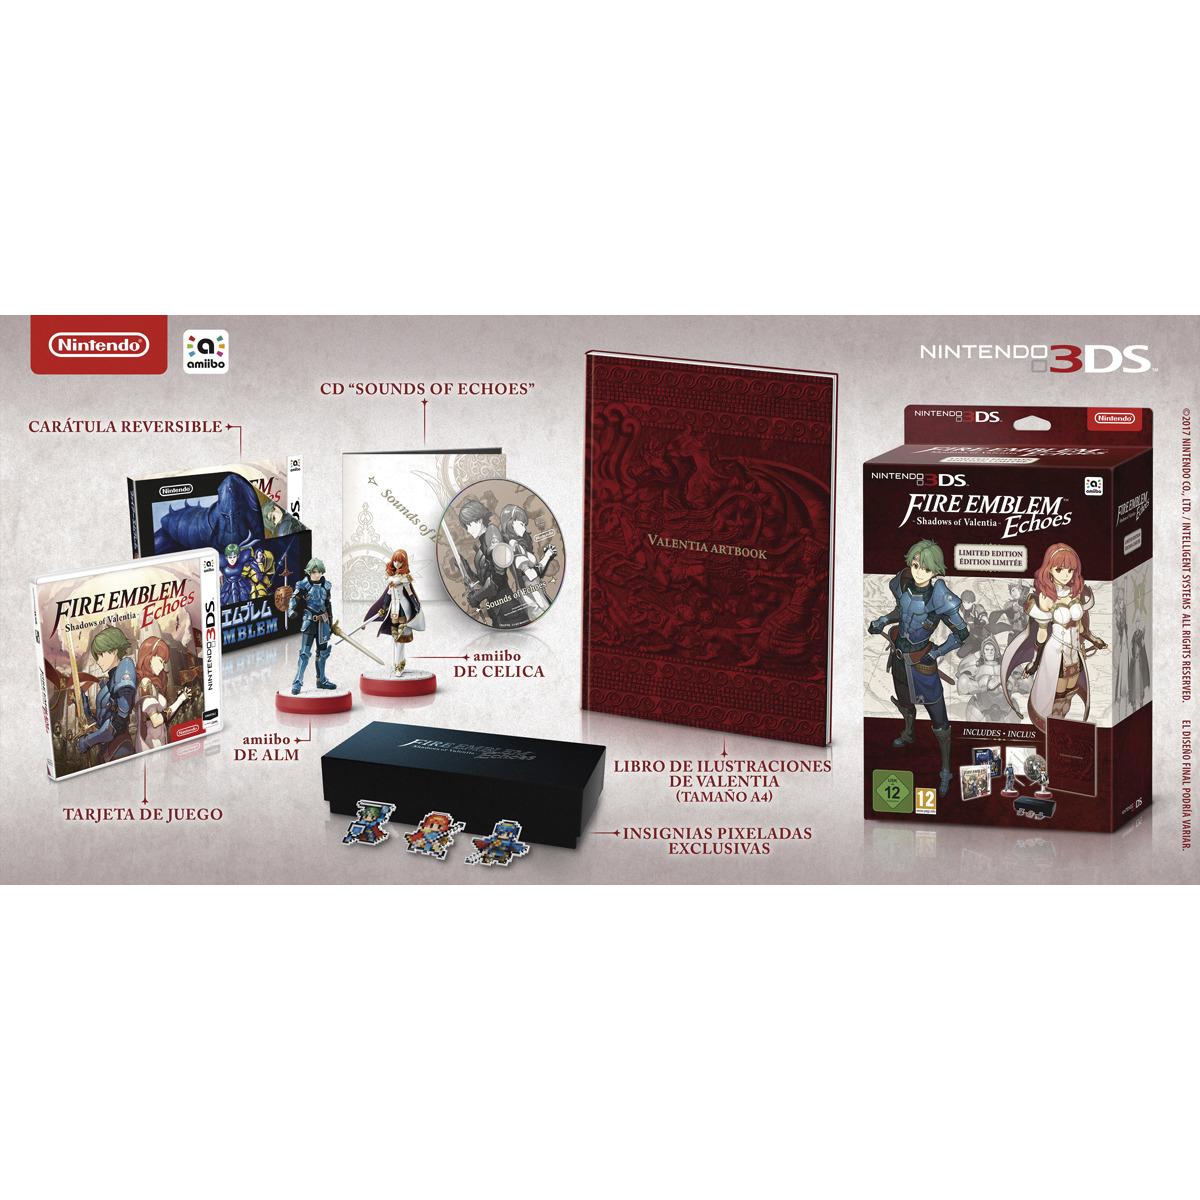 Fire Emblem Echoes 3ds Edición limitada